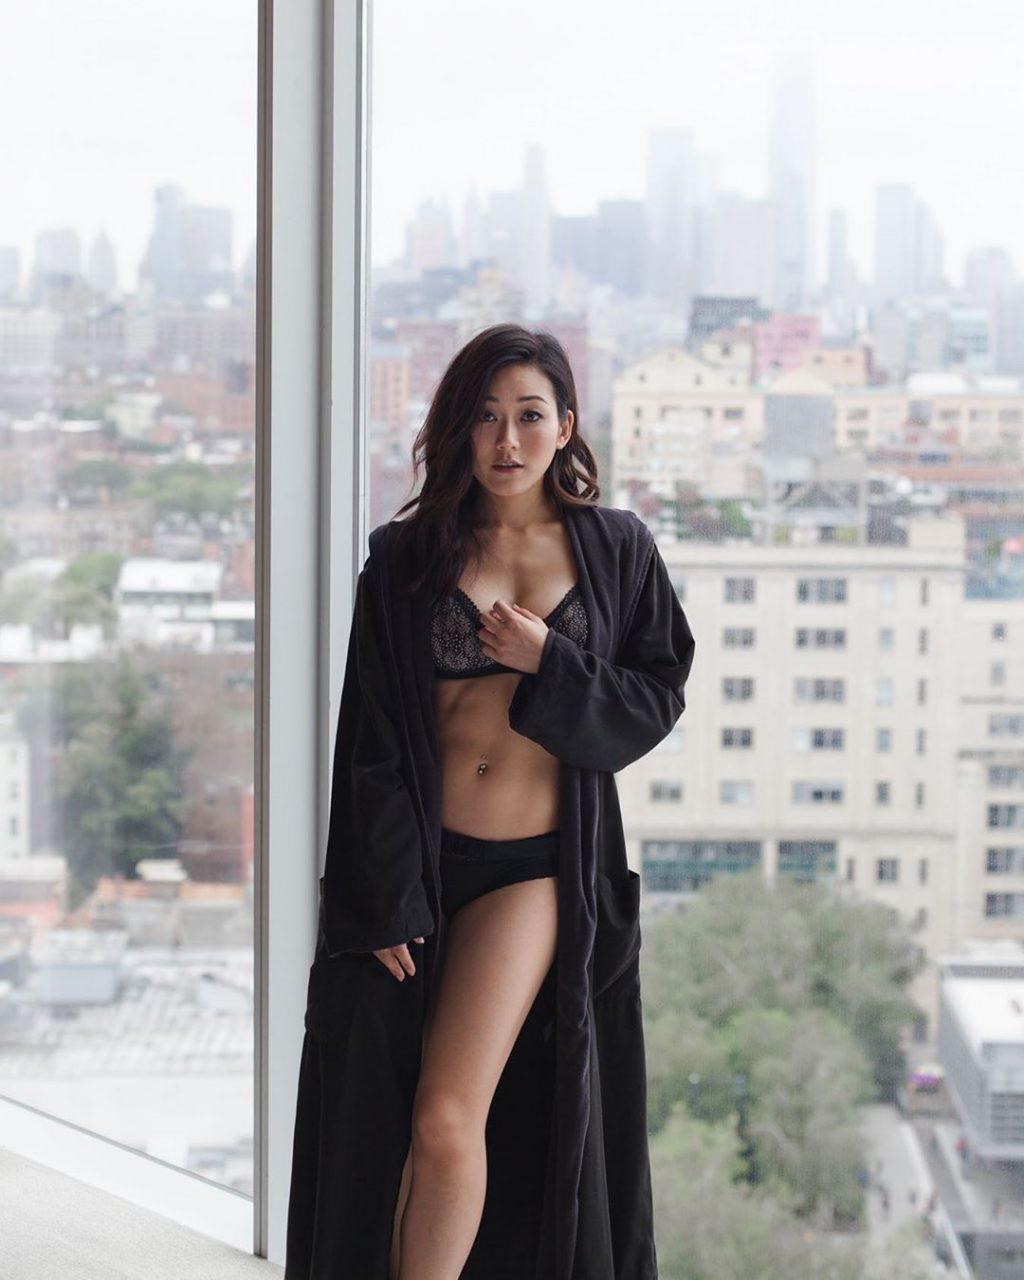 Karen Fukuhara Sexy (15 Photos)